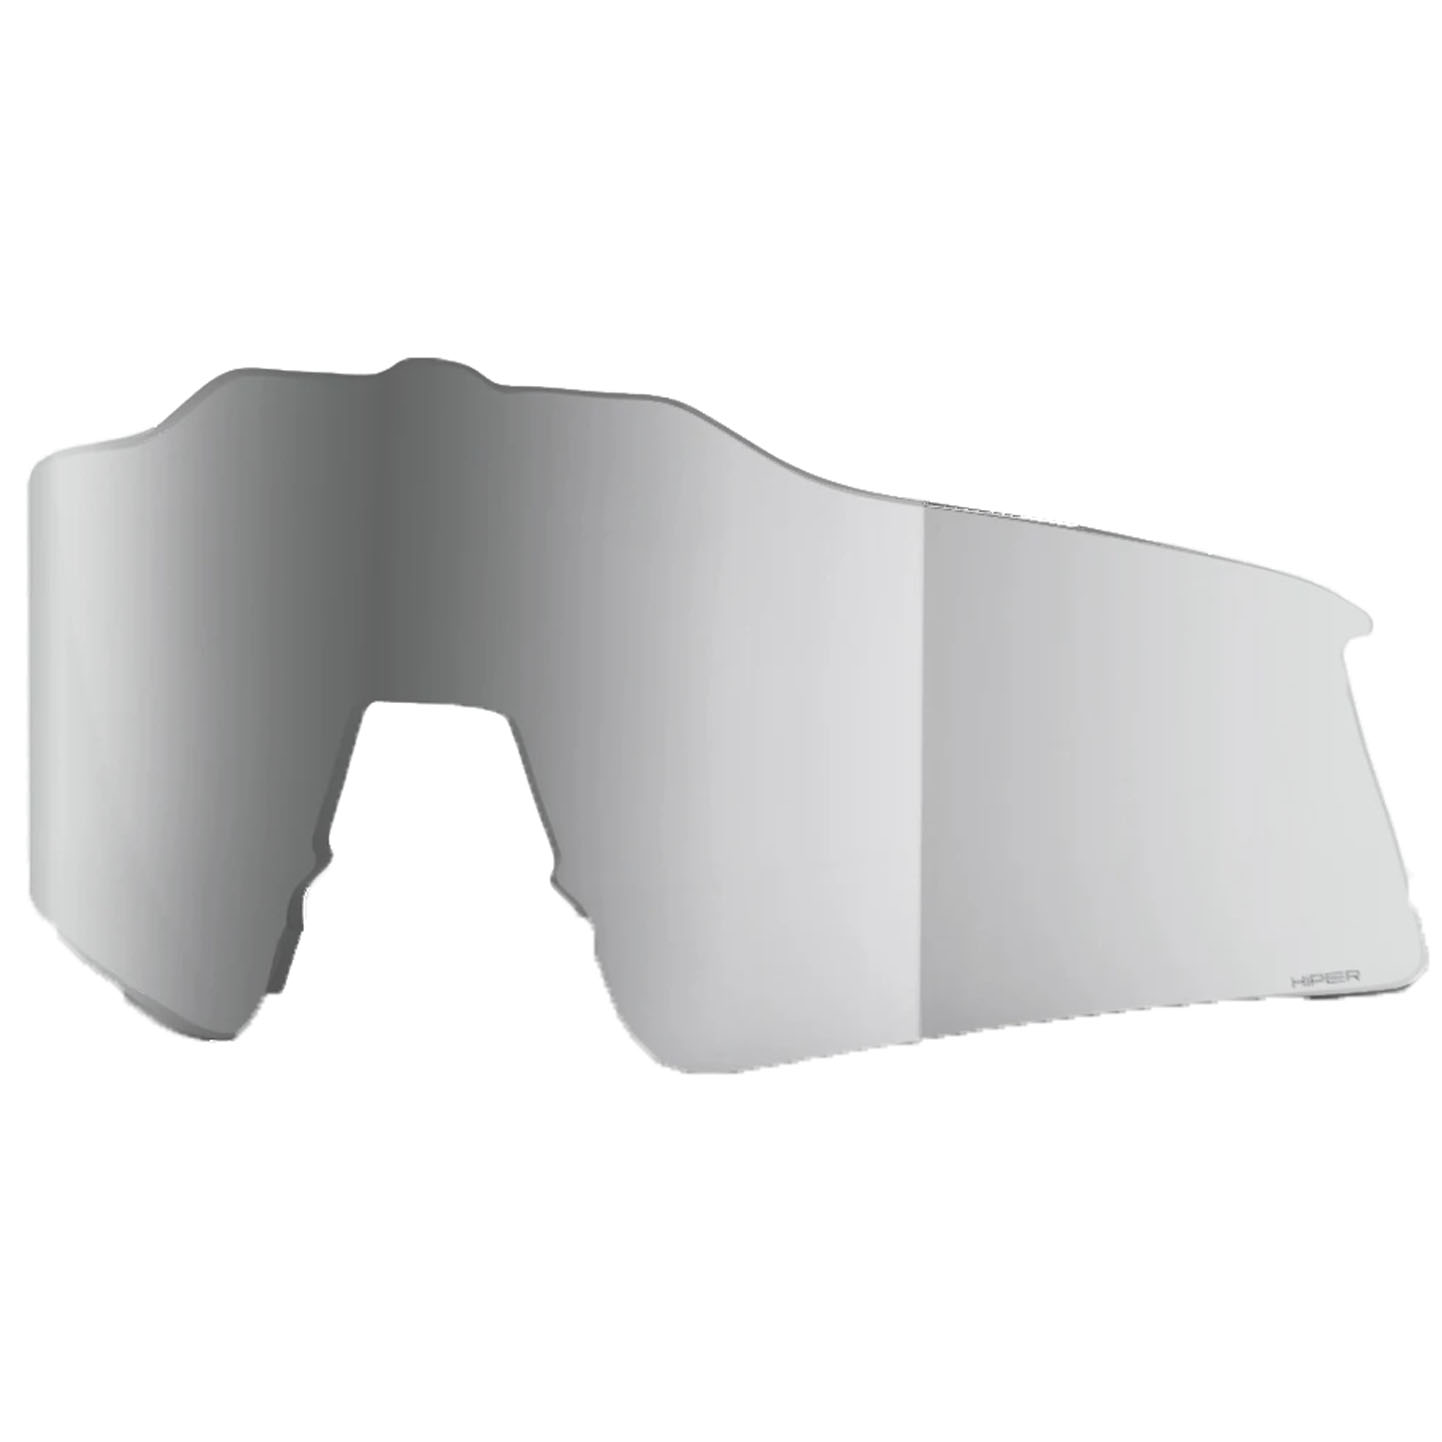 100% Speedcraft XS HiPER Mirror Lente de repuesto - HiPER Silver Mirror